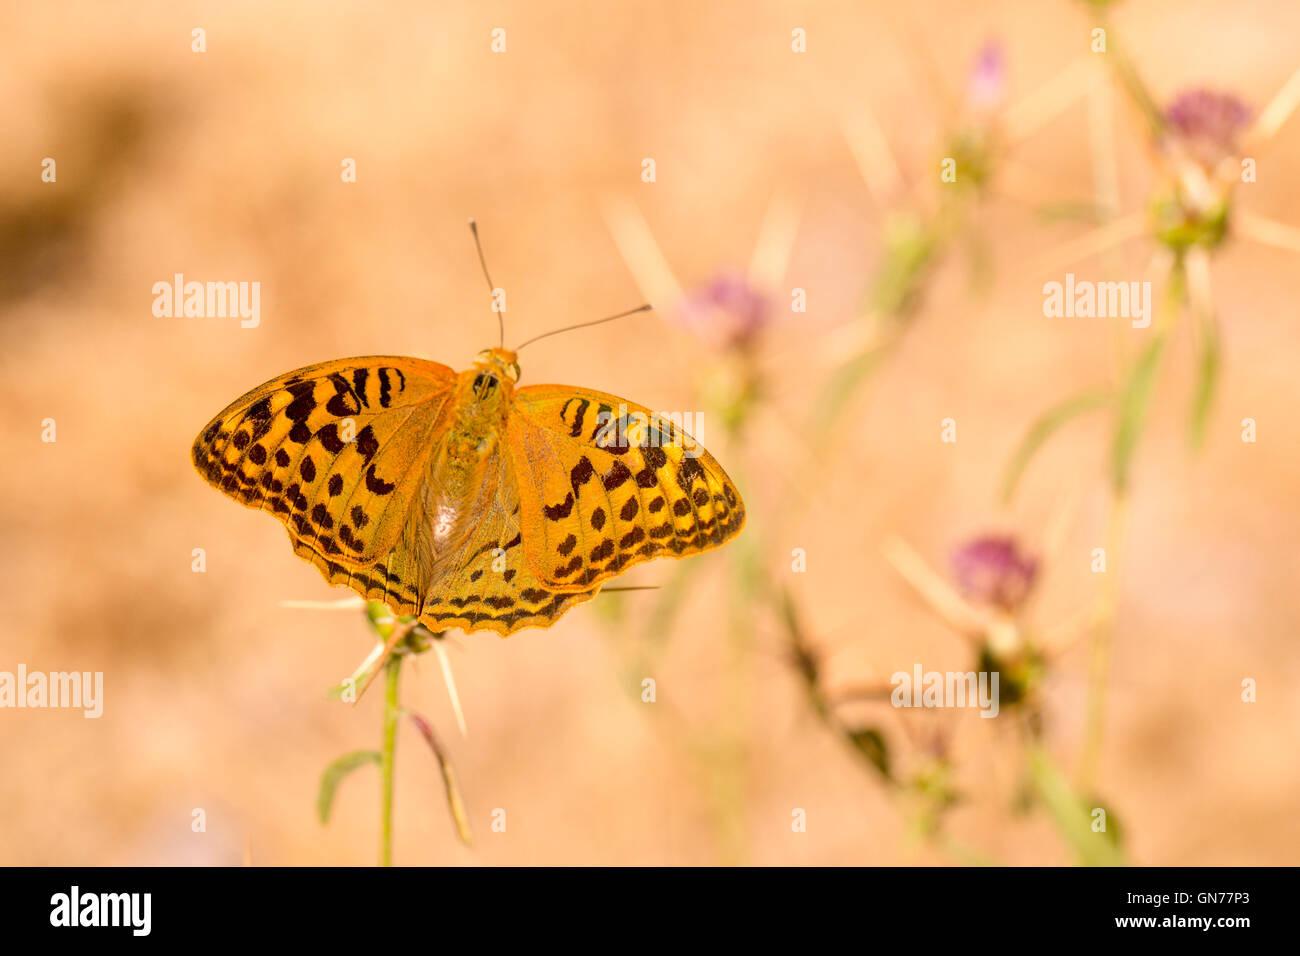 Kardinal Schmetterling (Argynnis Pandora). Dieser Schmetterling ist in Südeuropa verbreitet und findet sich Stockbild